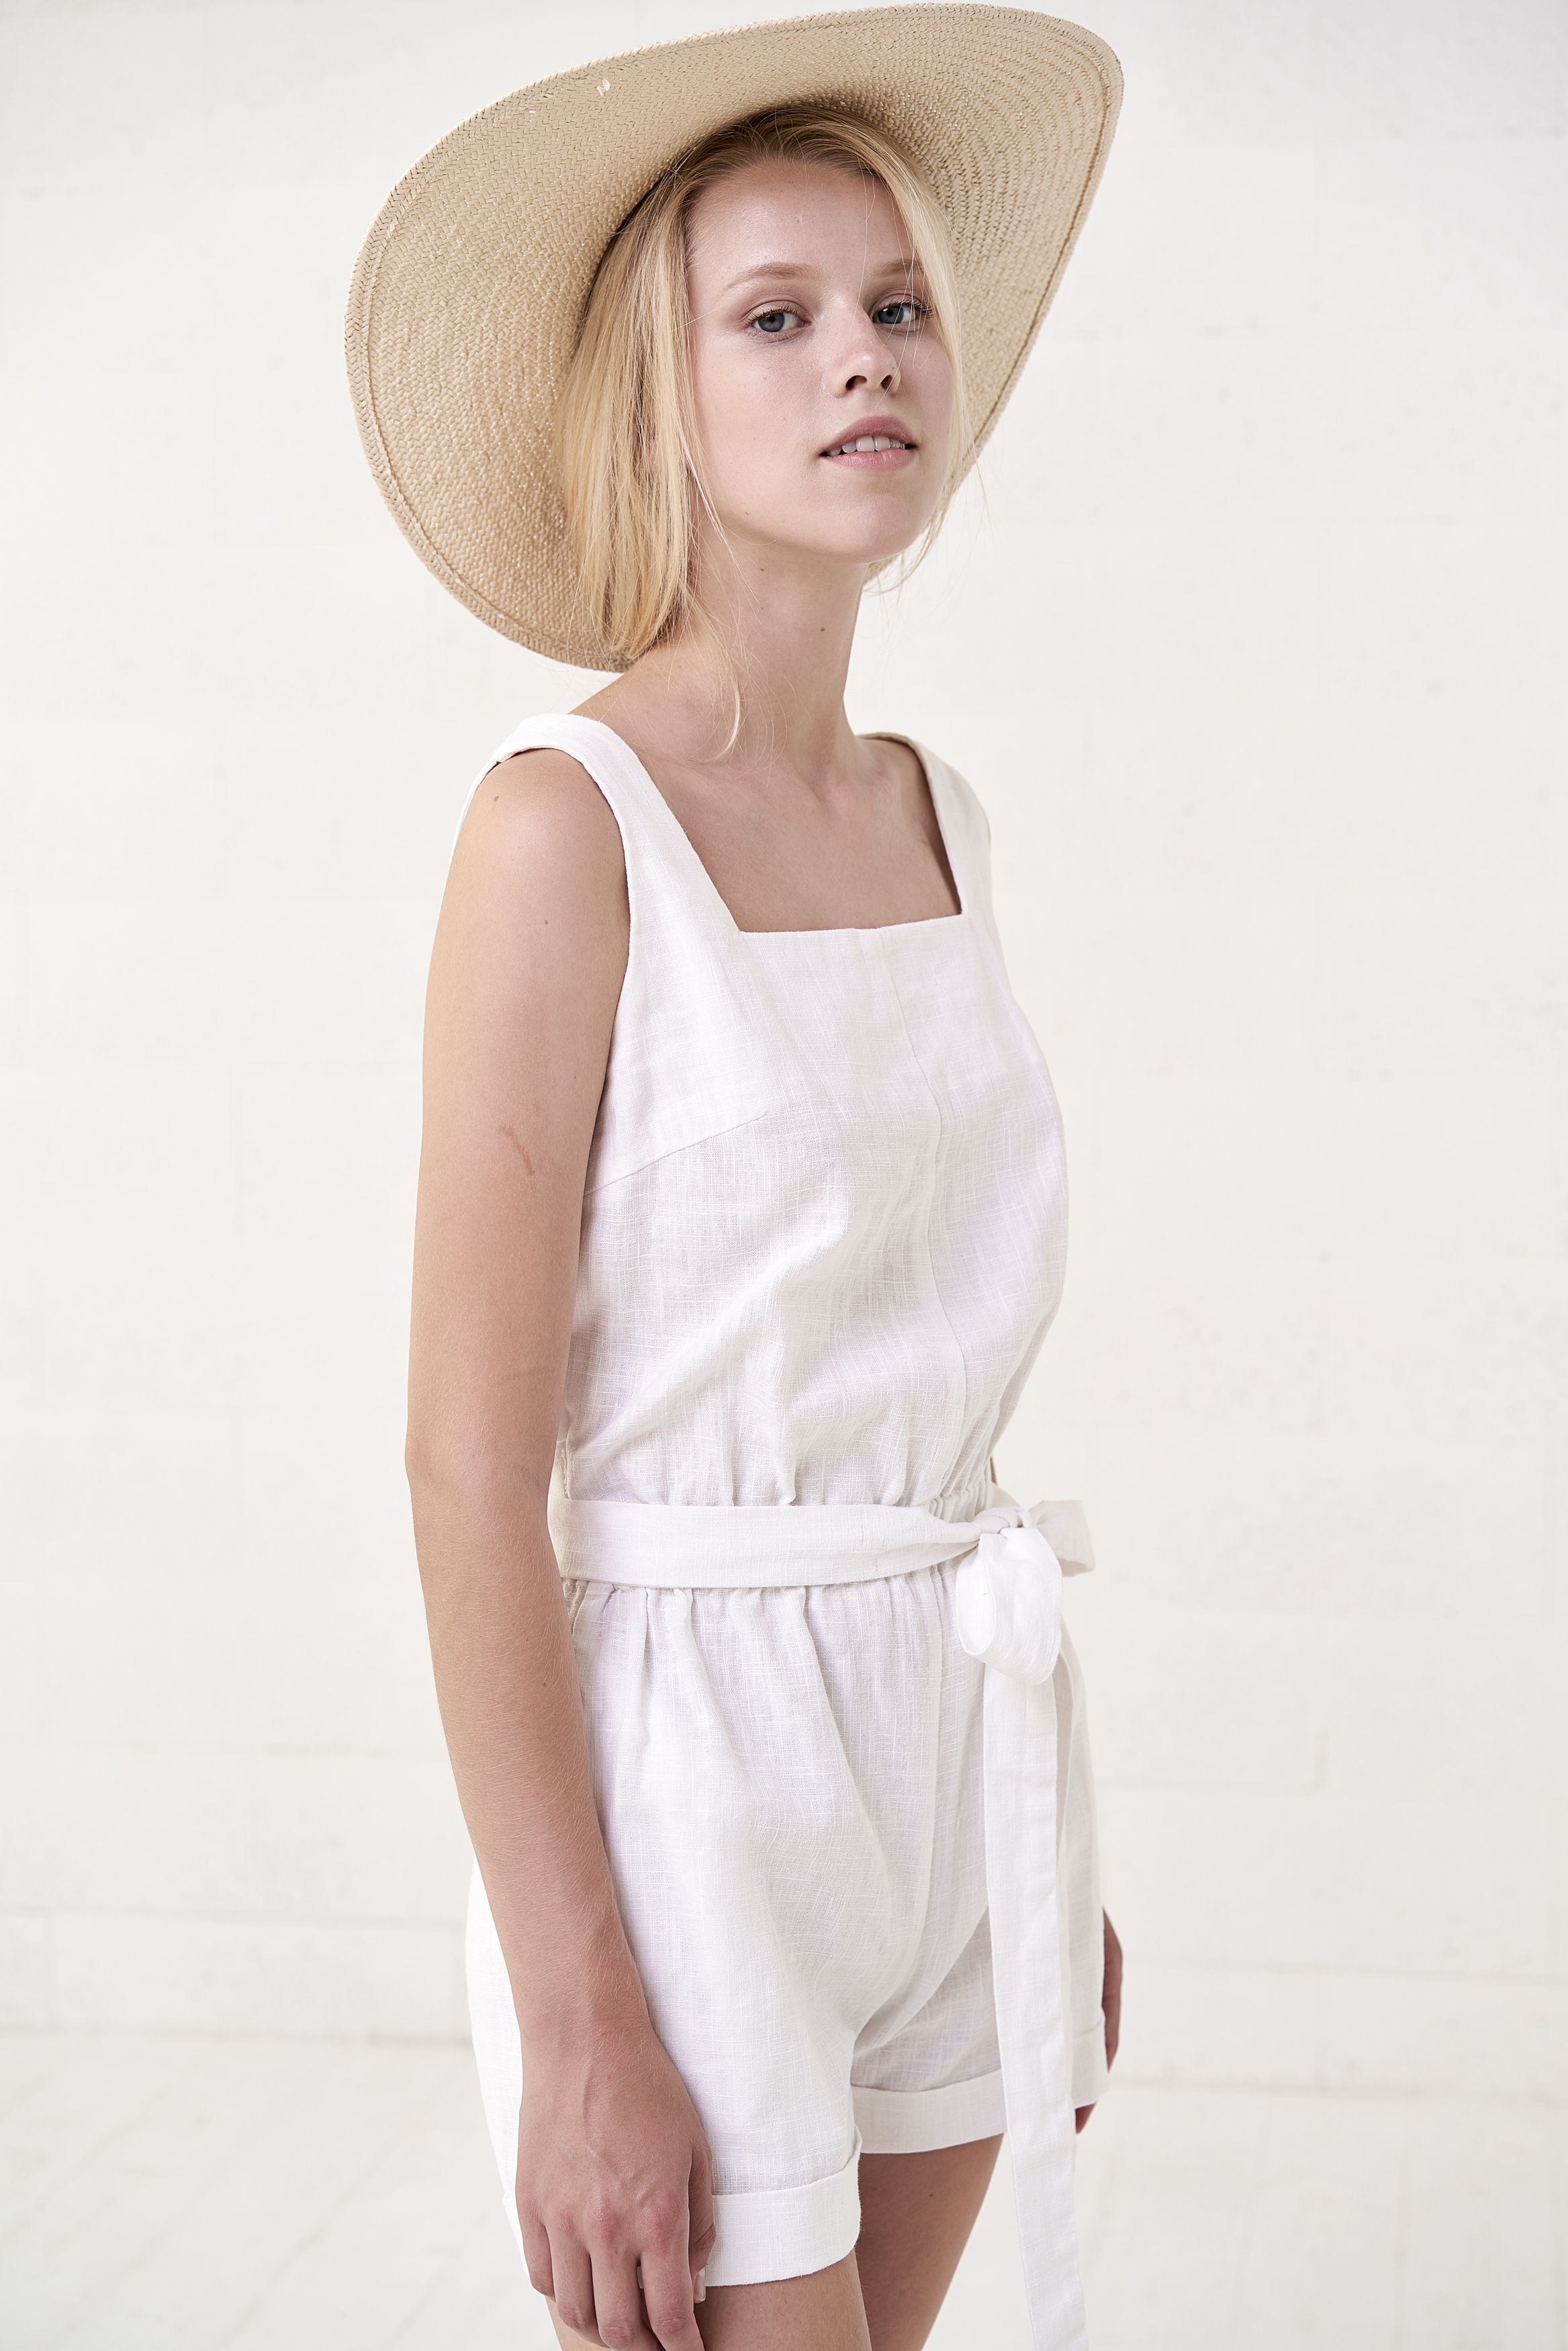 b7e8552dce  Linen  jumpsuit Women overall Linen shorts romper Linen clothing  Short  White Sleeveless Linen romper  madeinlithuania  summerjumpsuit  blisslinen  ...